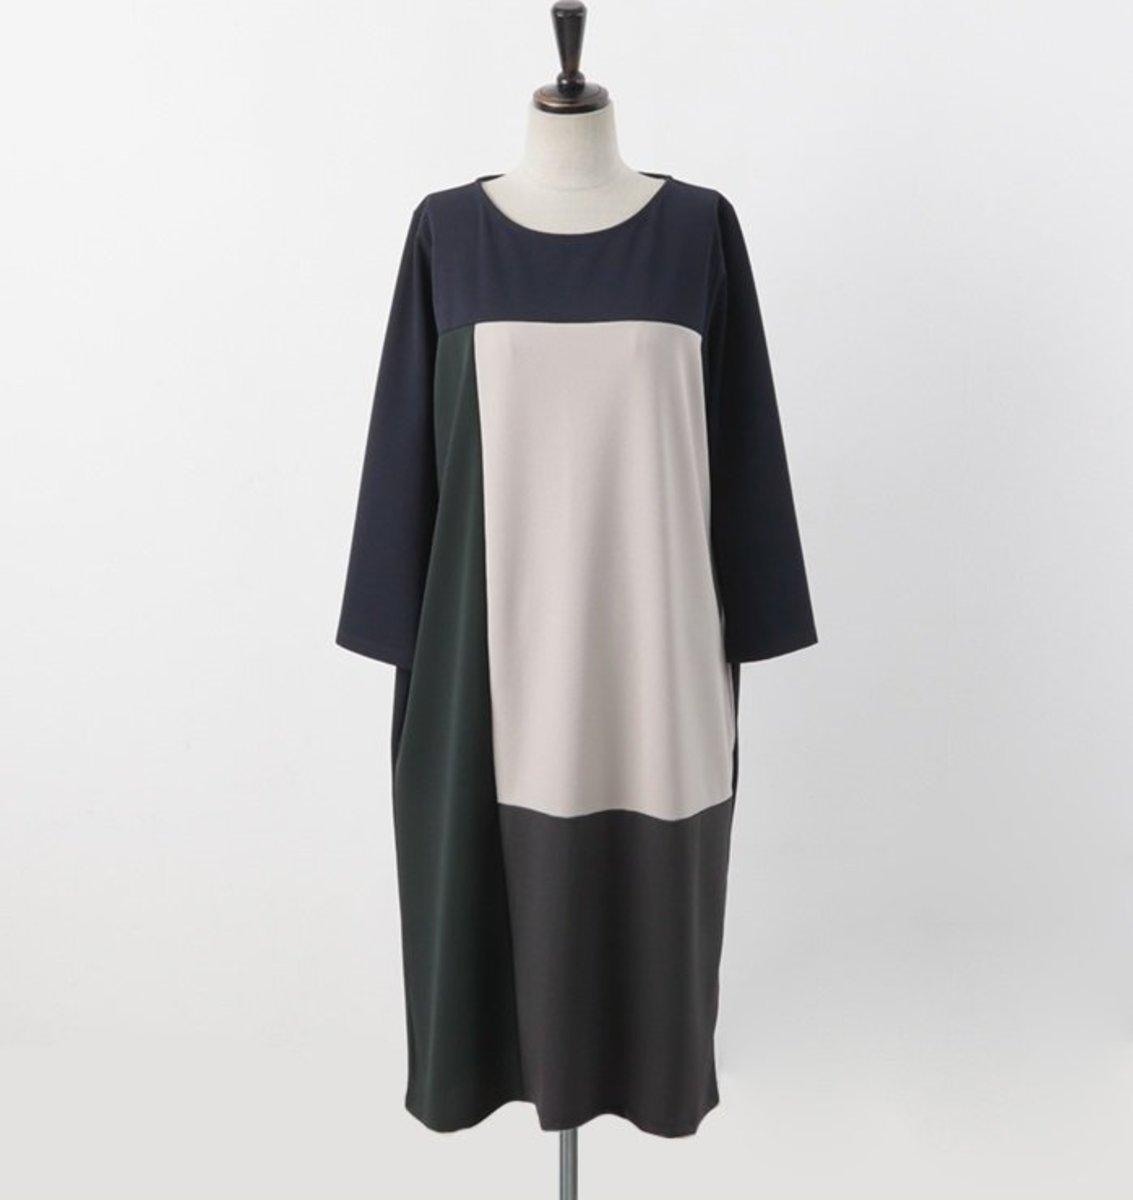 拼色圓領連身裙